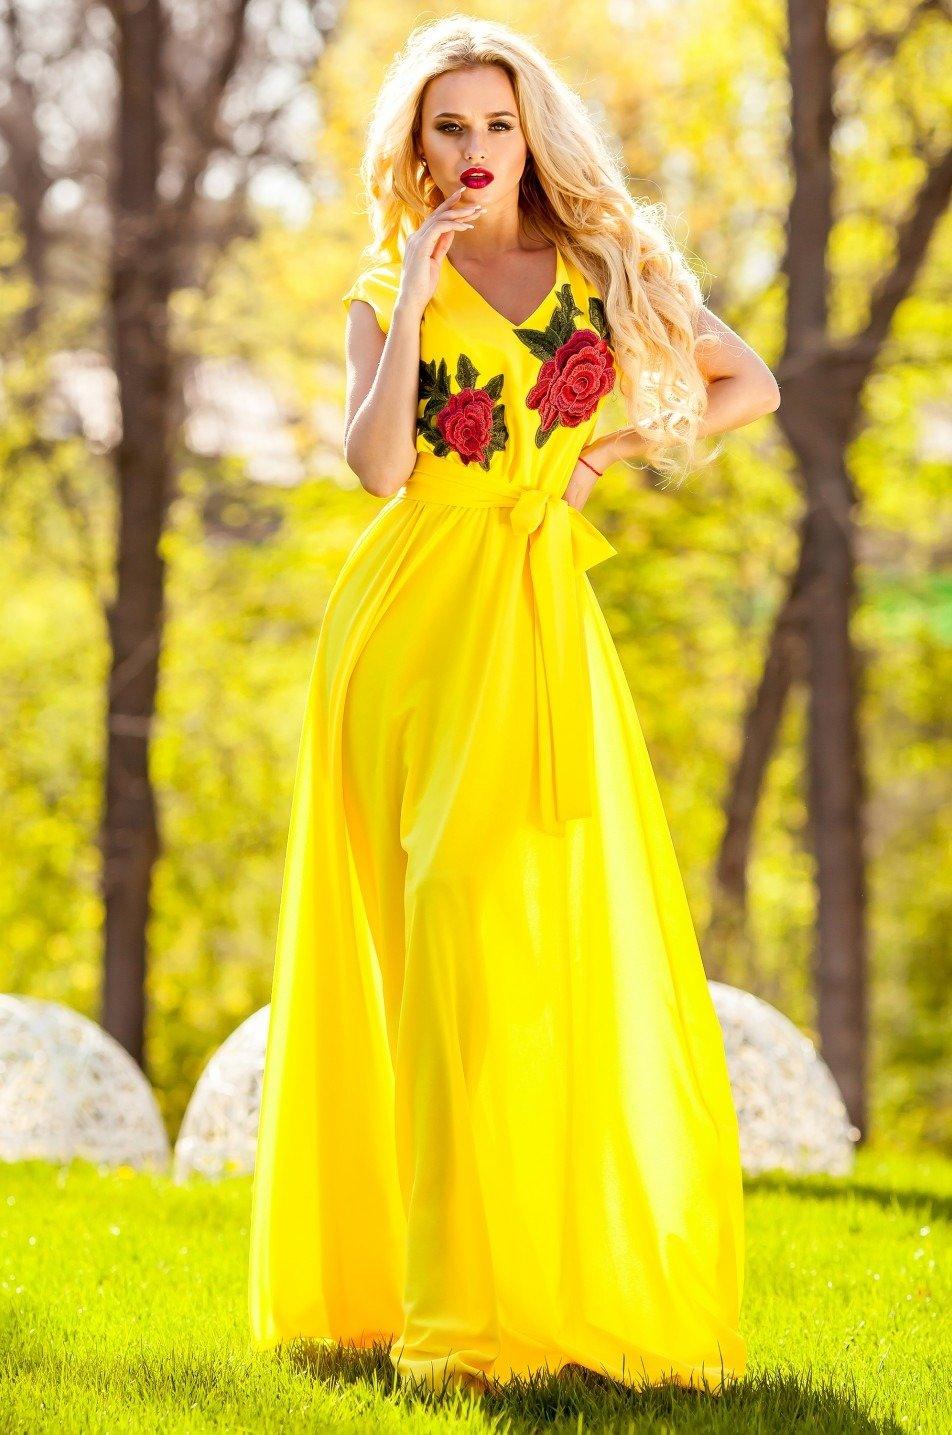 очень красивая девушка в желтом платье - 8